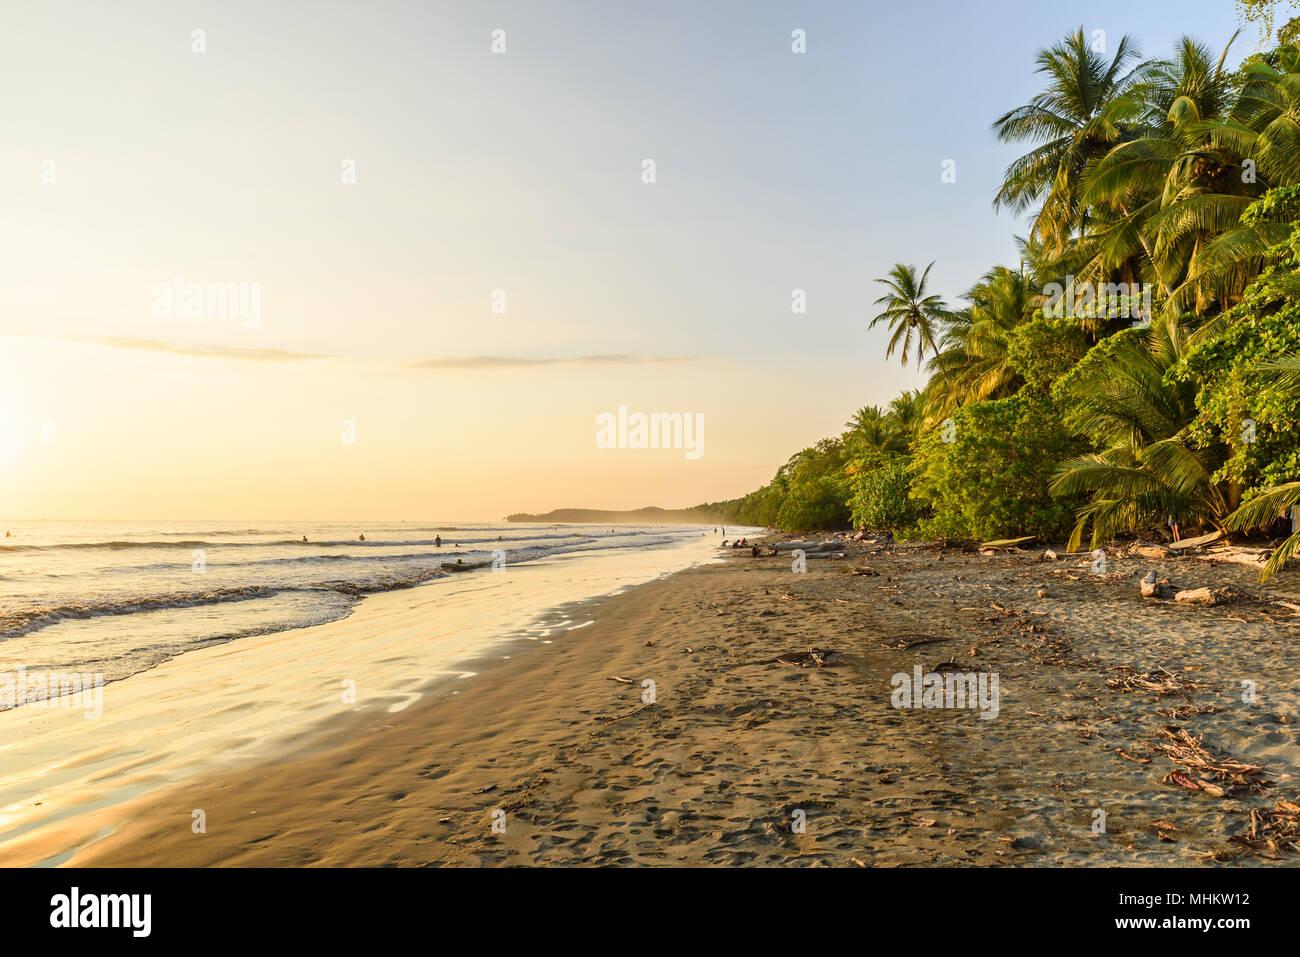 Tramonto al Paradise beach in Uvita, Costa Rica - belle spiagge e di foresta tropicale in Costa del Pacifico di Costa Rica - destinazione di viaggio in una centrale Immagini Stock